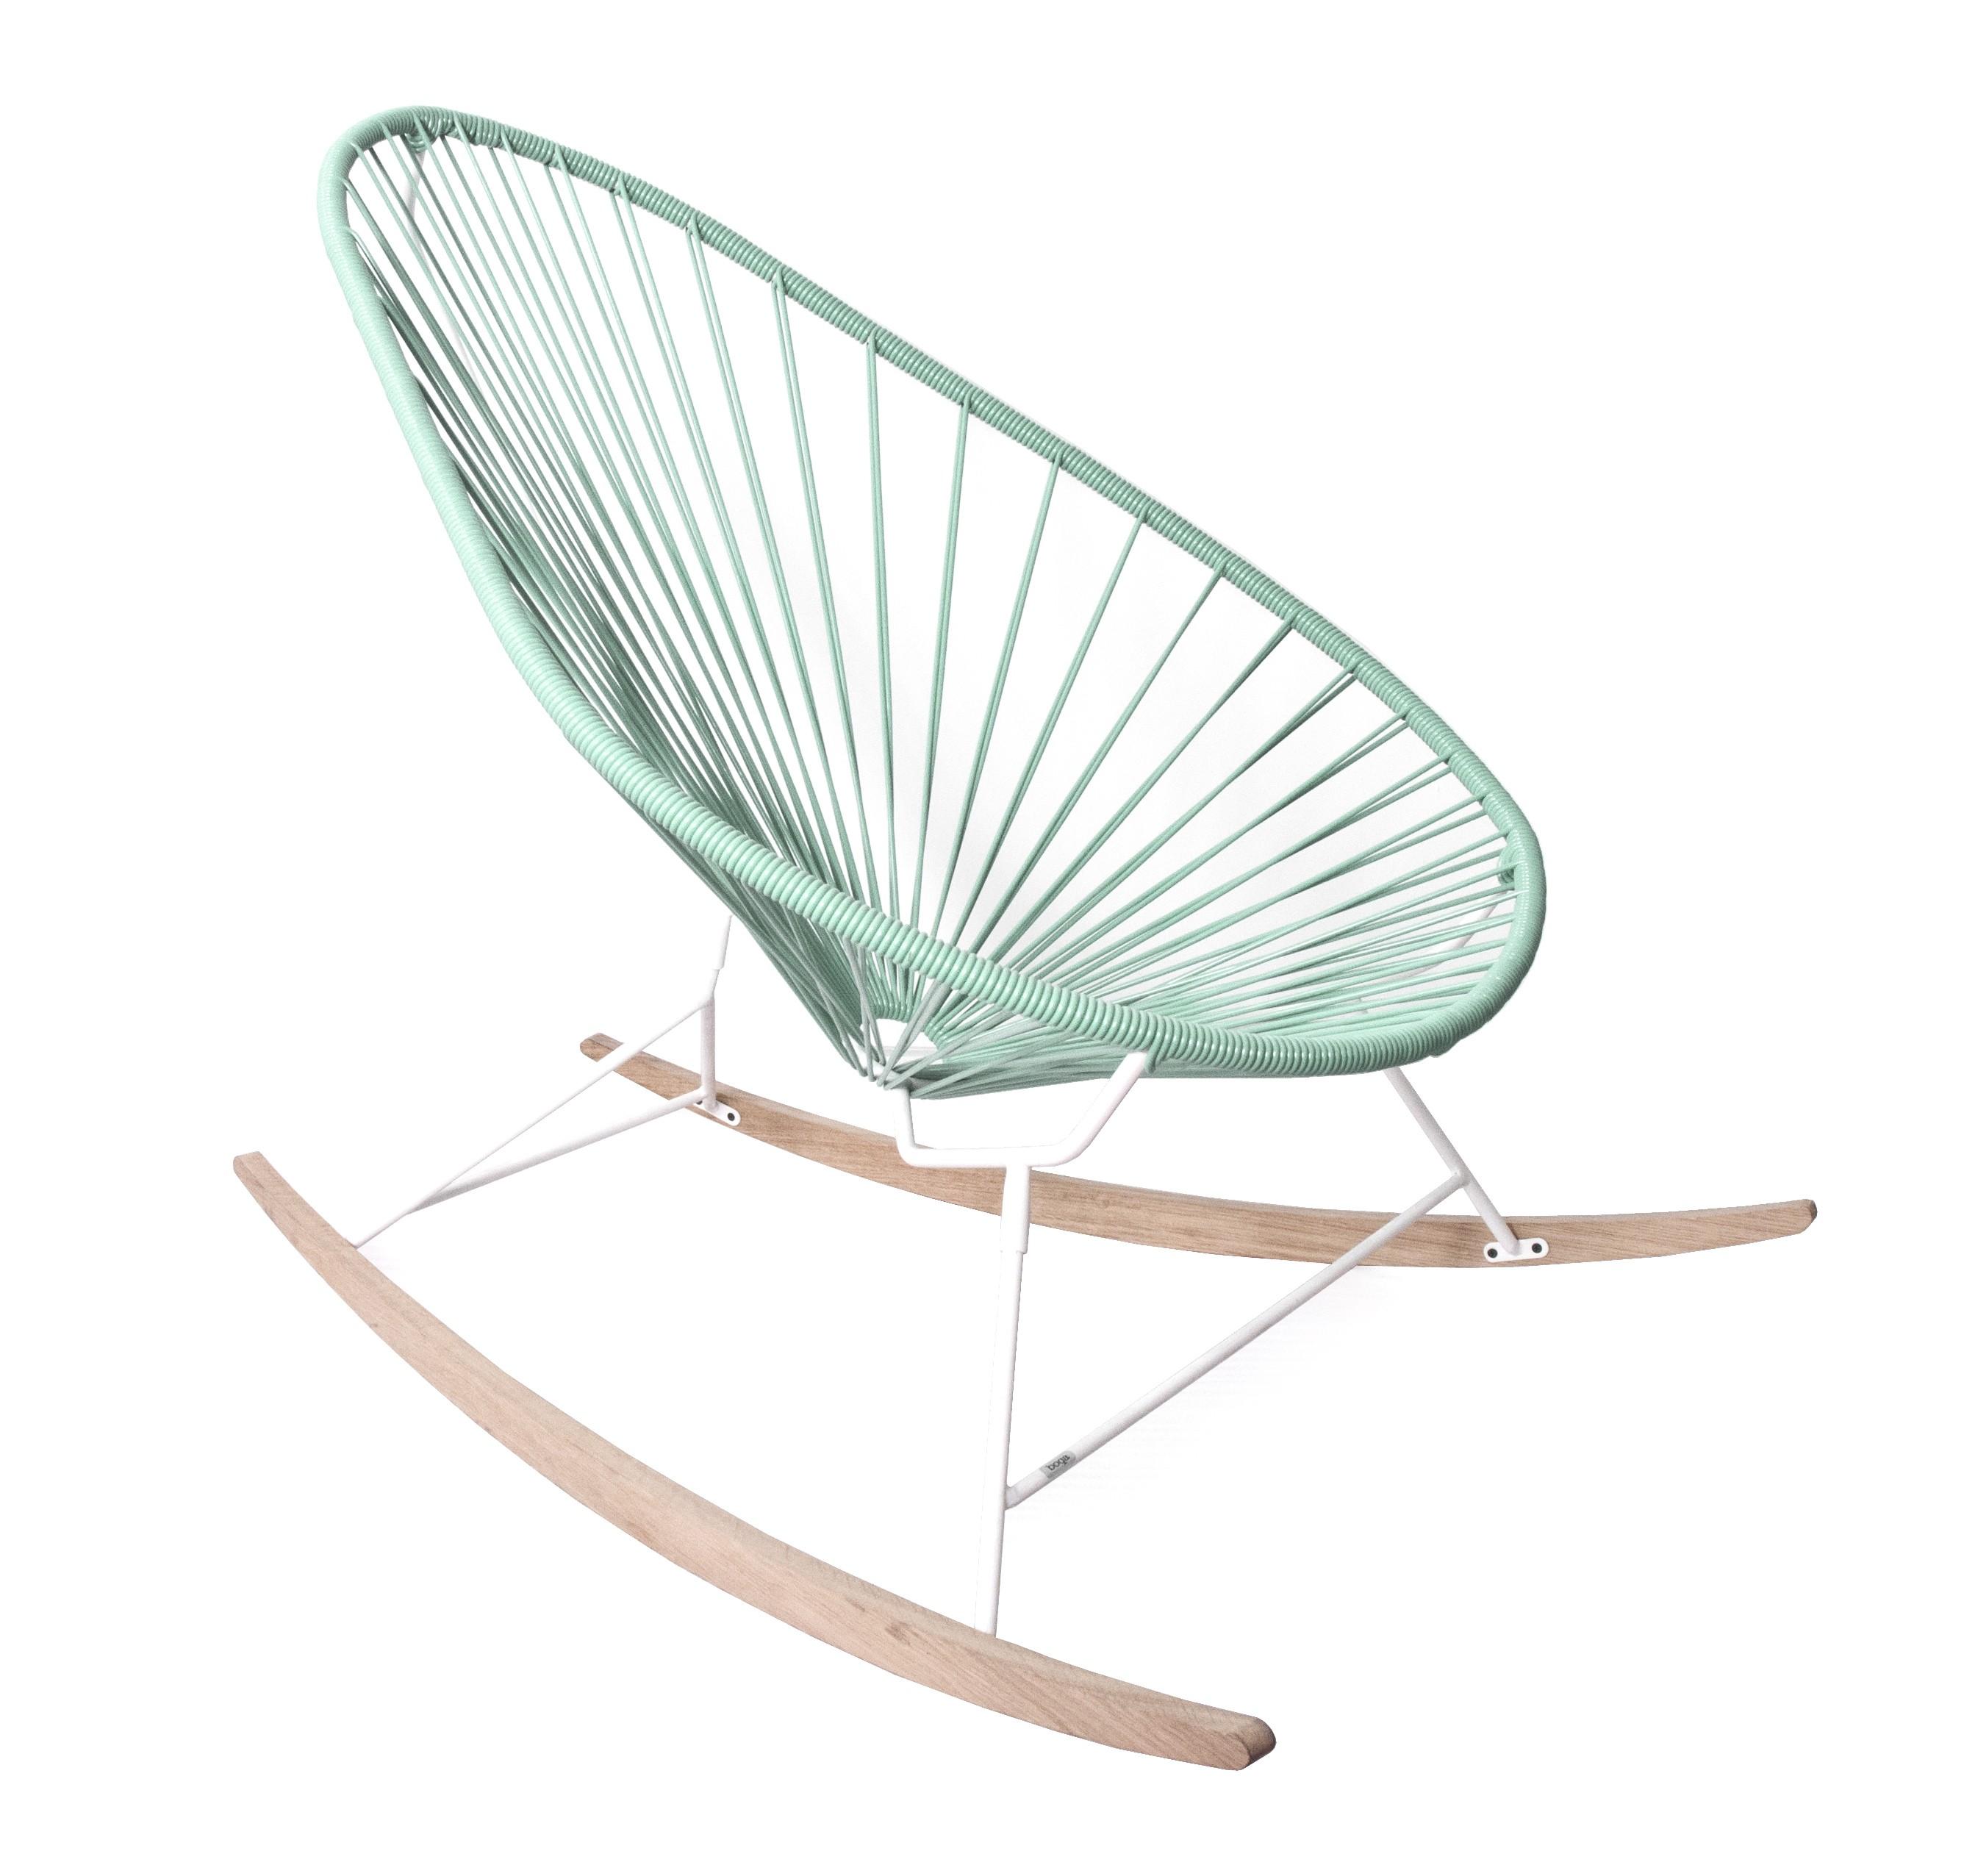 fauteuil bascule acapulco de boqa avec ski bois structure blanche vert d 39 eau. Black Bedroom Furniture Sets. Home Design Ideas